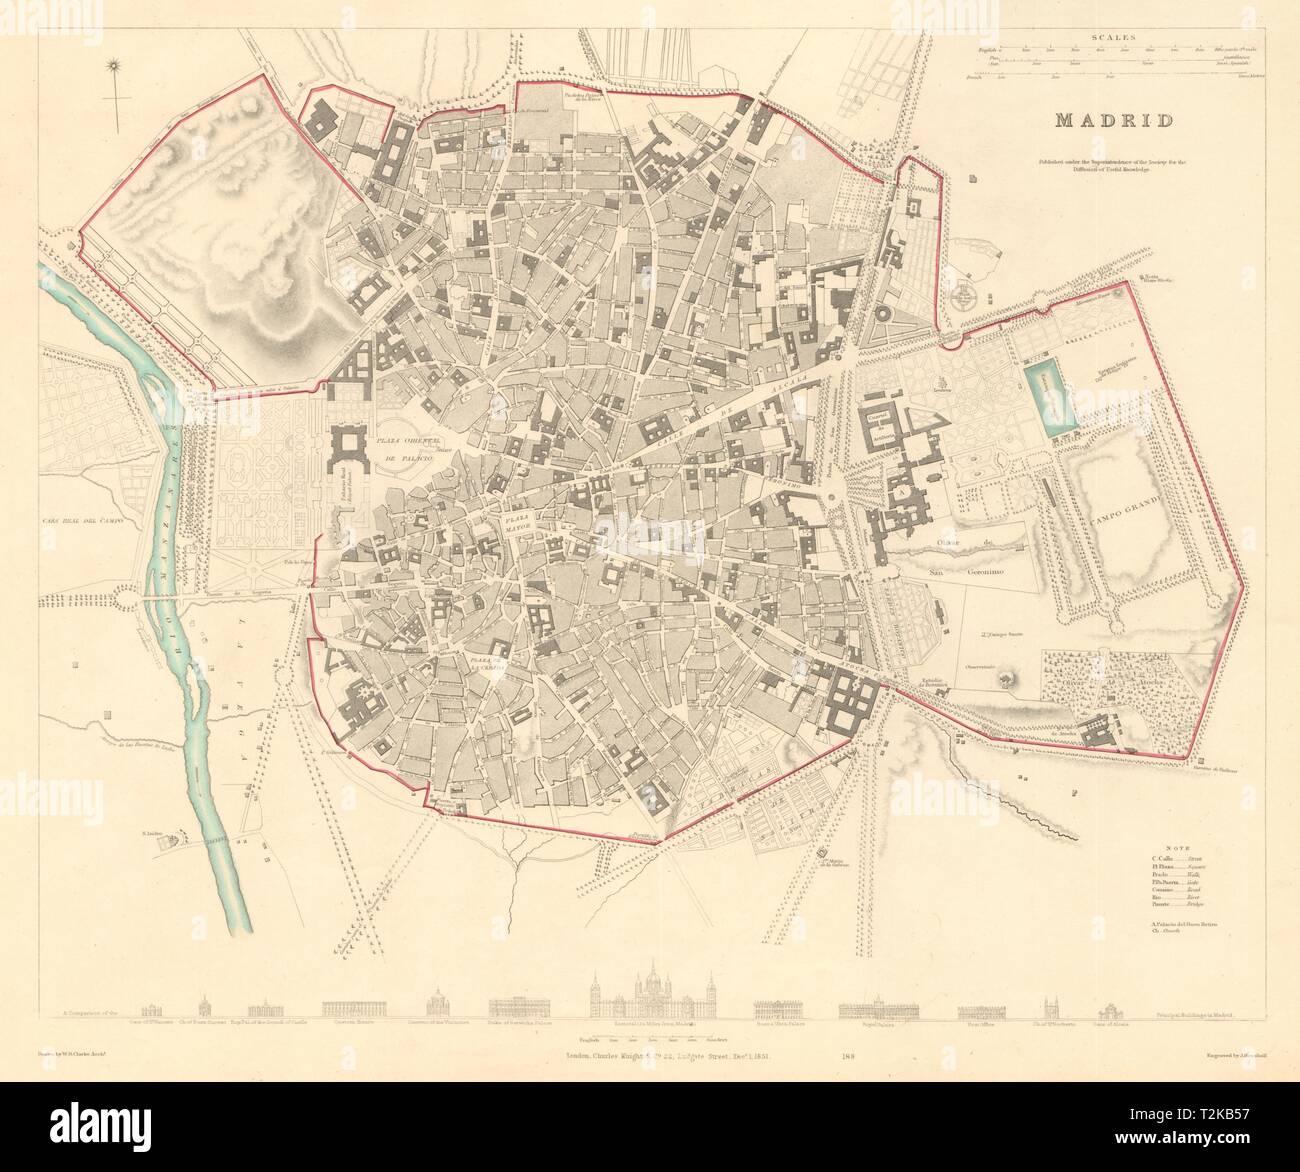 MADRID. Antique town city map plan. Original outline colour. SDUK 1847 old Stock Photo